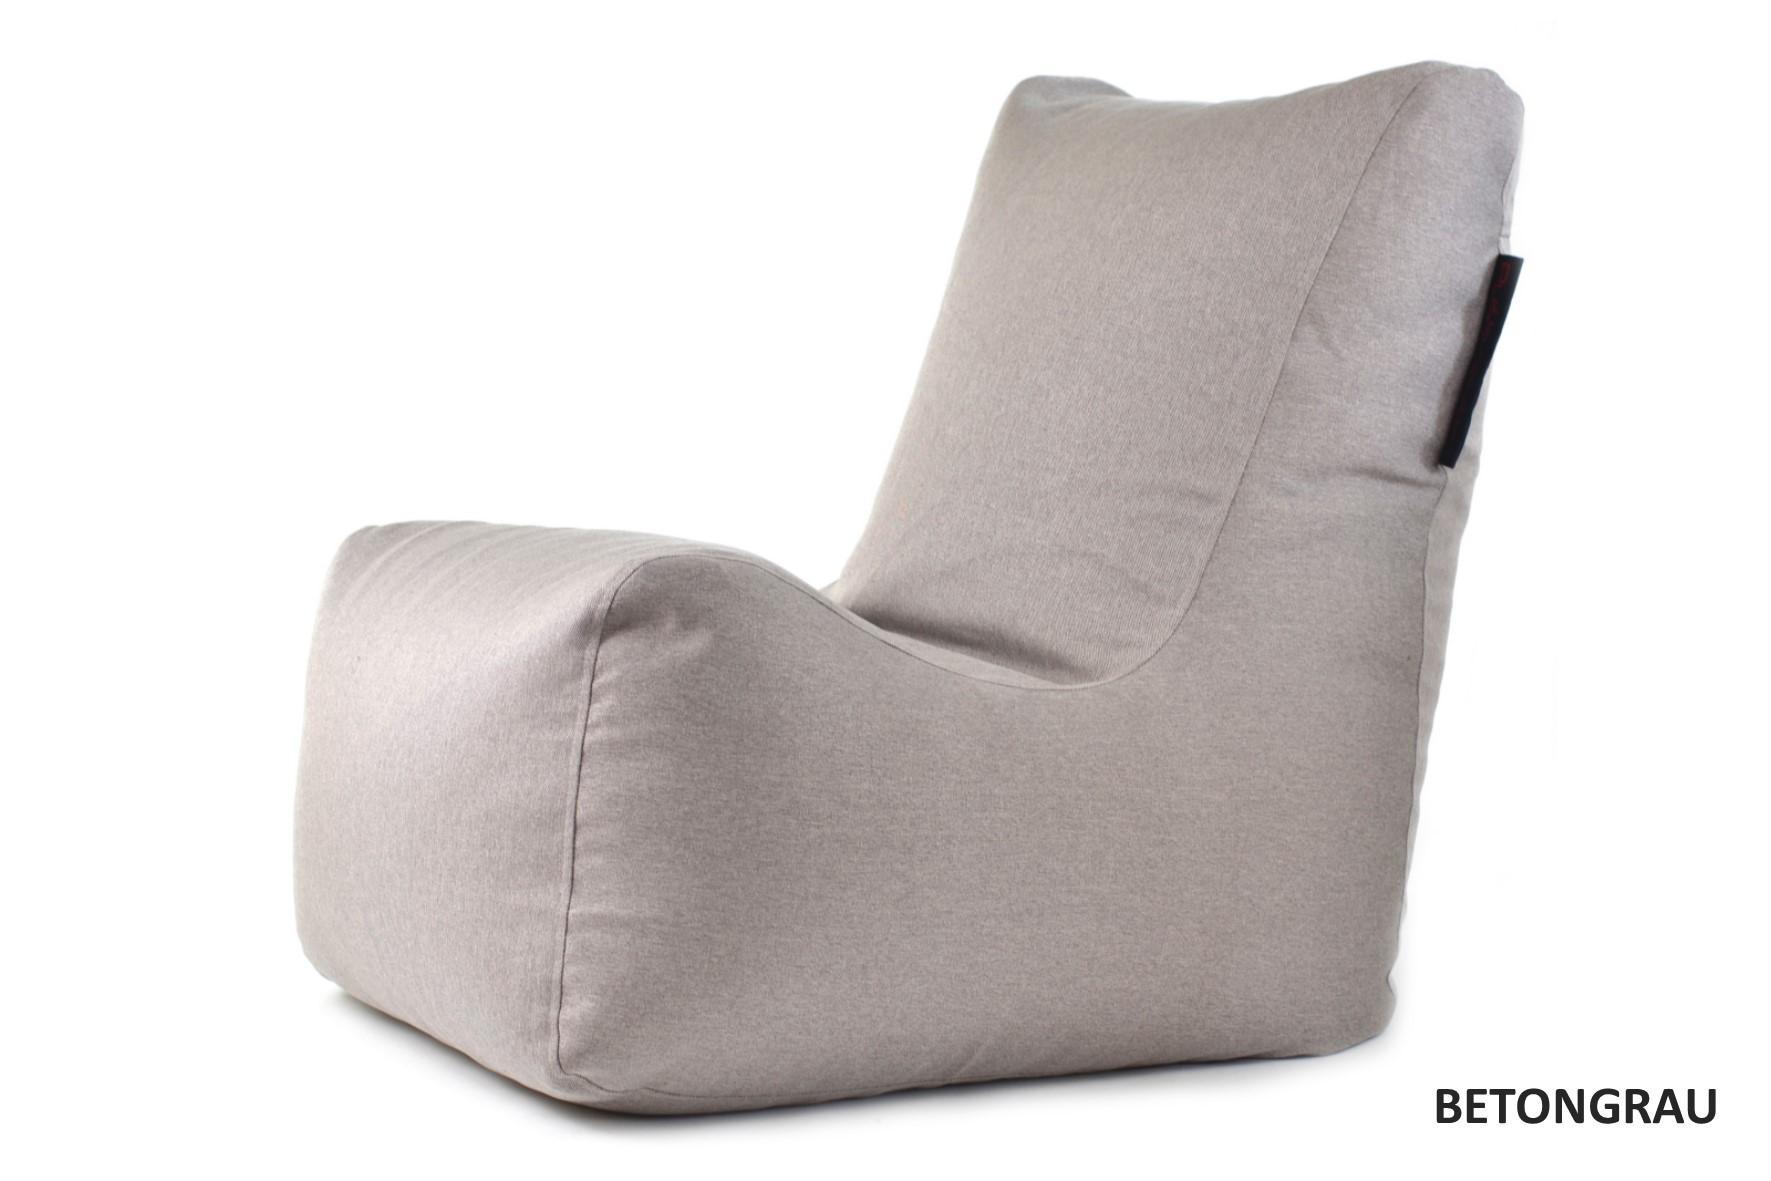 sitzsack sessel f r indoor g nstig online kaufen. Black Bedroom Furniture Sets. Home Design Ideas